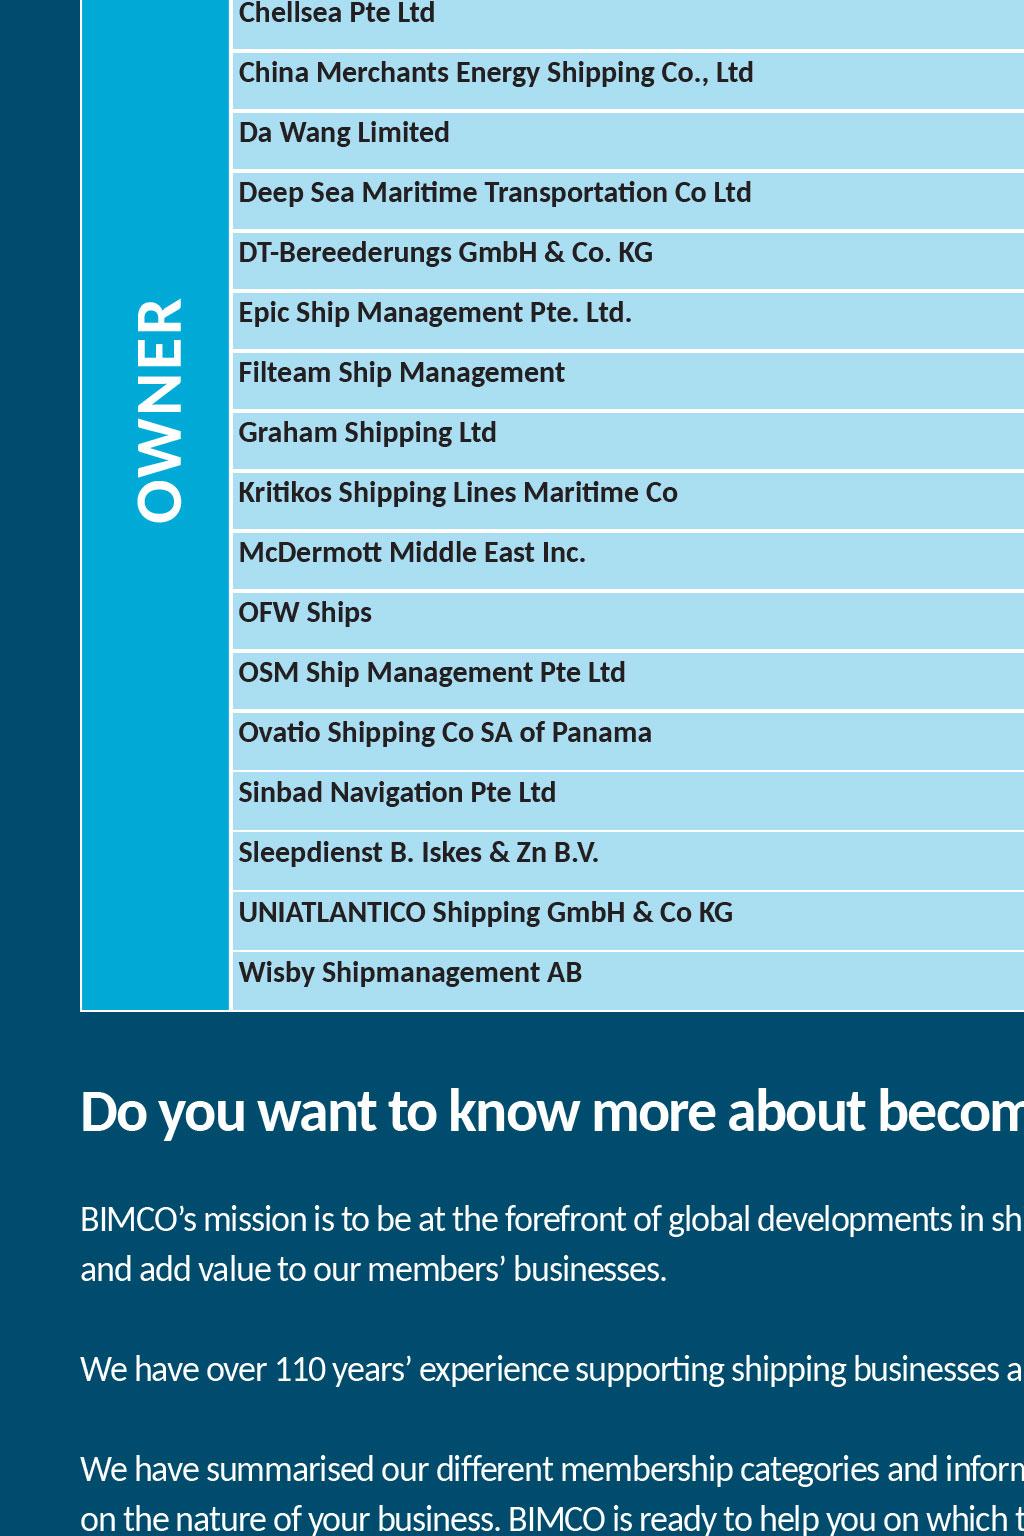 Members - BIMCO Bulletin